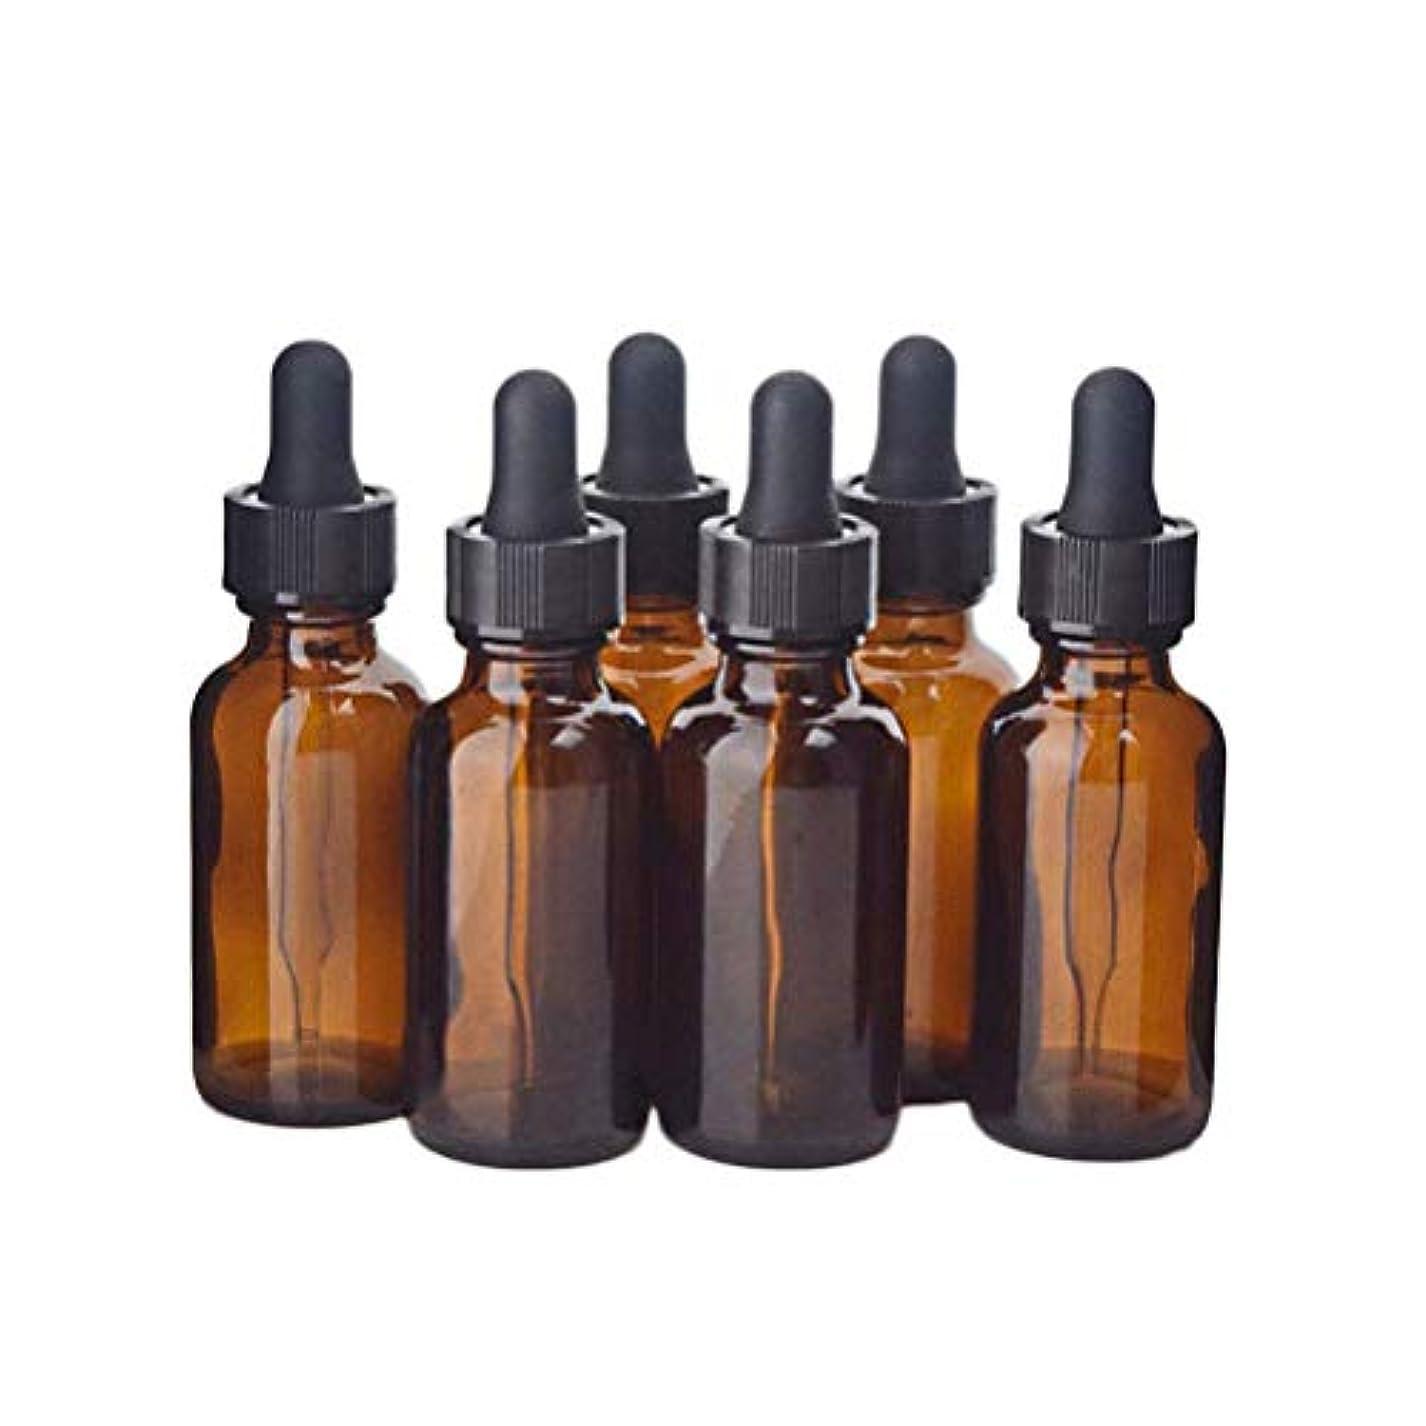 レーザ狂ったハイランド遮光瓶 アロマオイル 精油 香水やアロマの保存 小分け用 遮光瓶 30ml 12本セット茶色